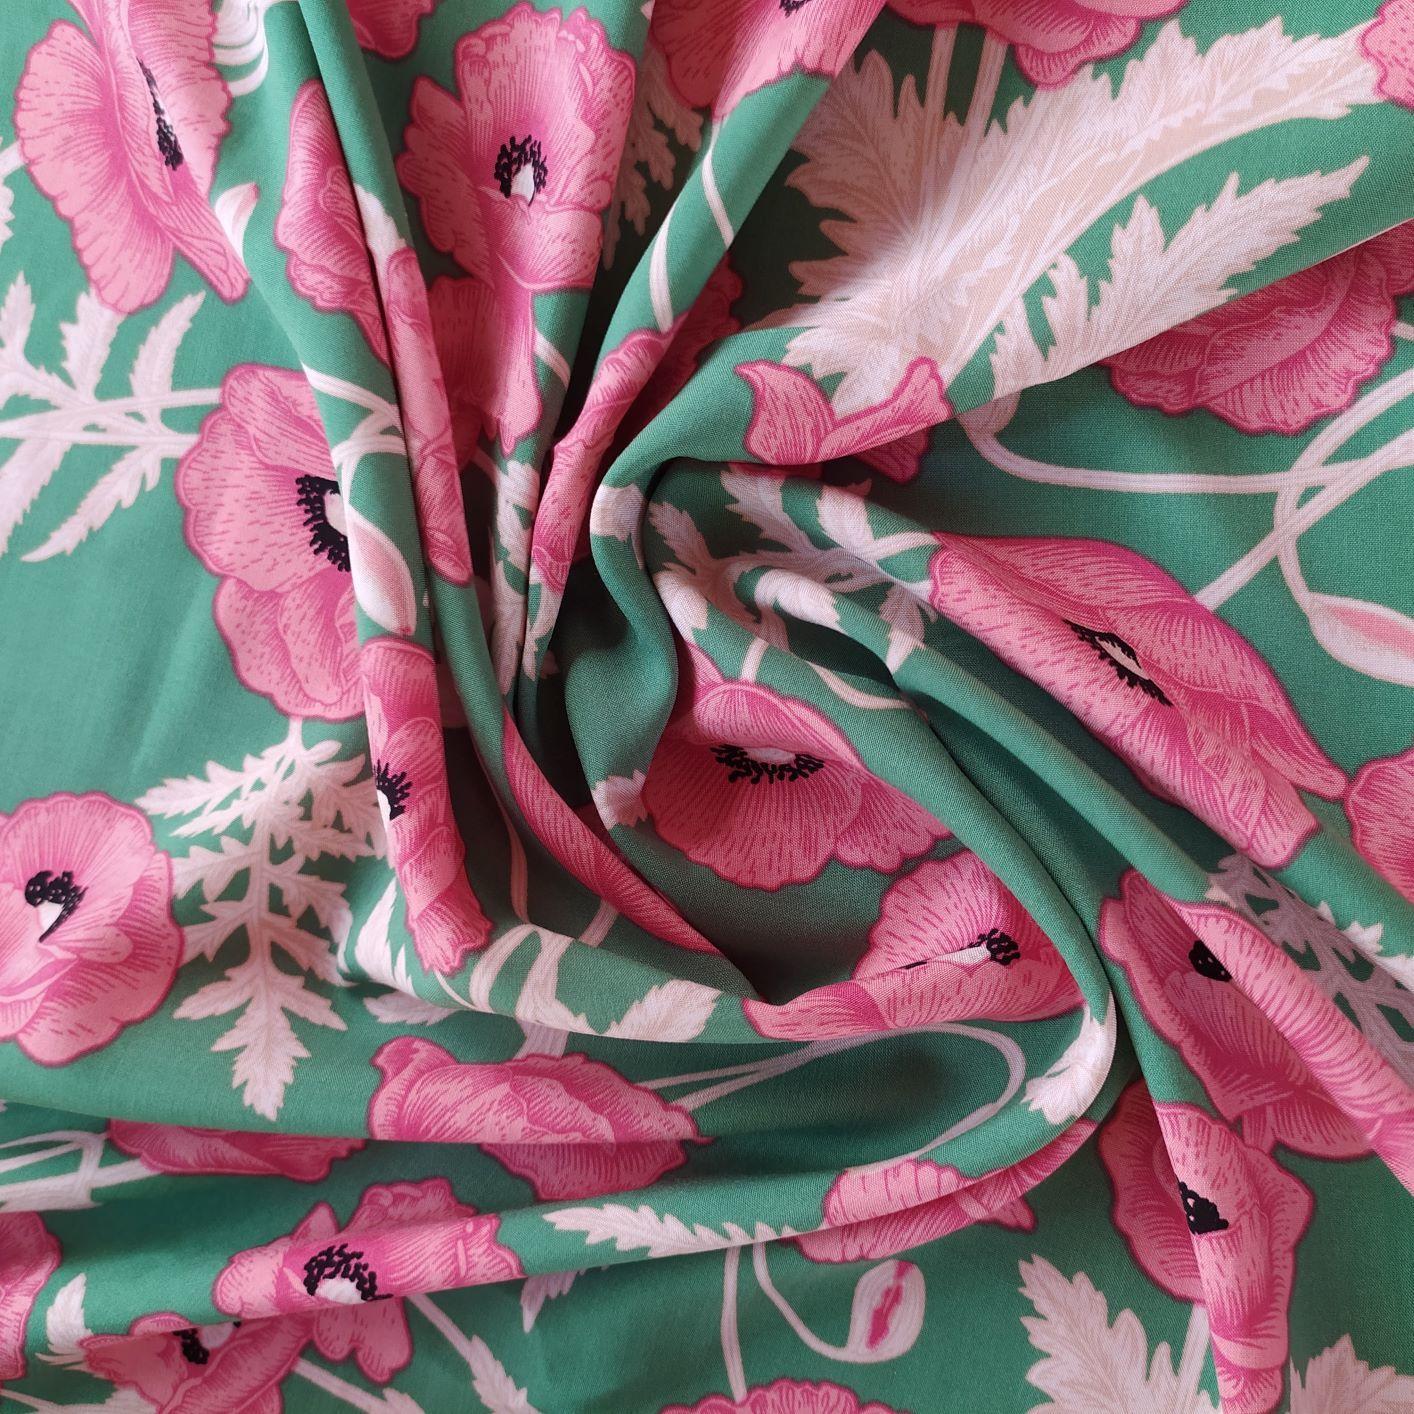 Tecido Viscose Estampado Floral Verde